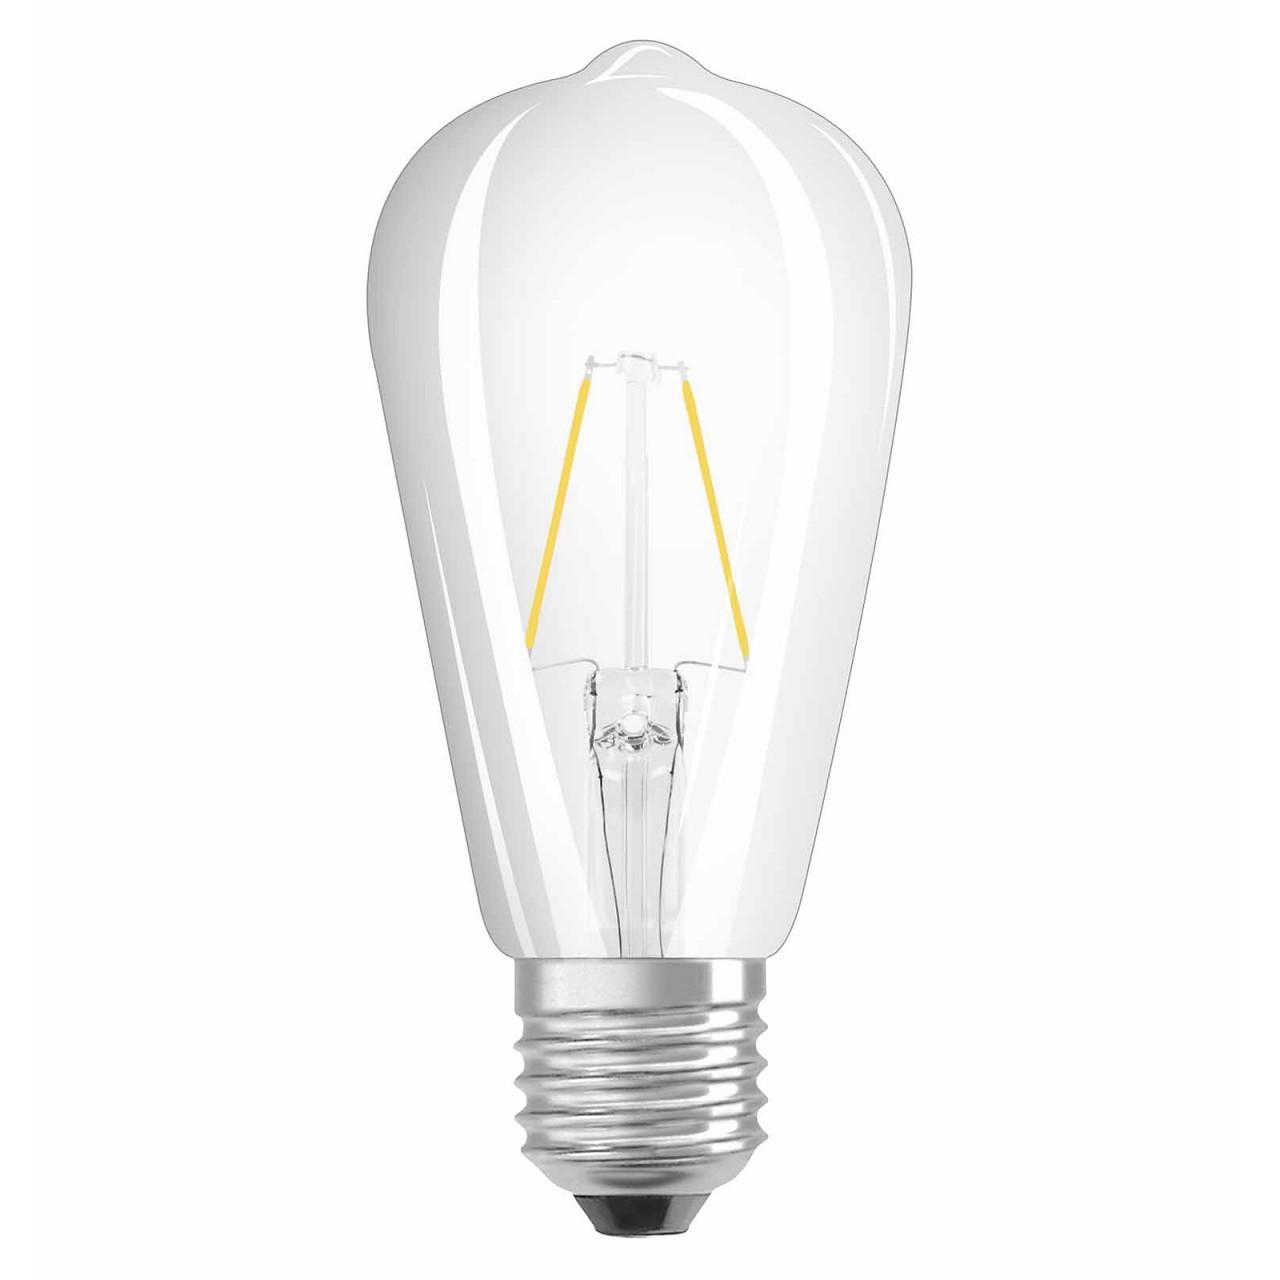 OSRAM LED RETROFIT CLASSIC ST9 GLAS E9 9W=95W 950lm warmweiß 900K nondim